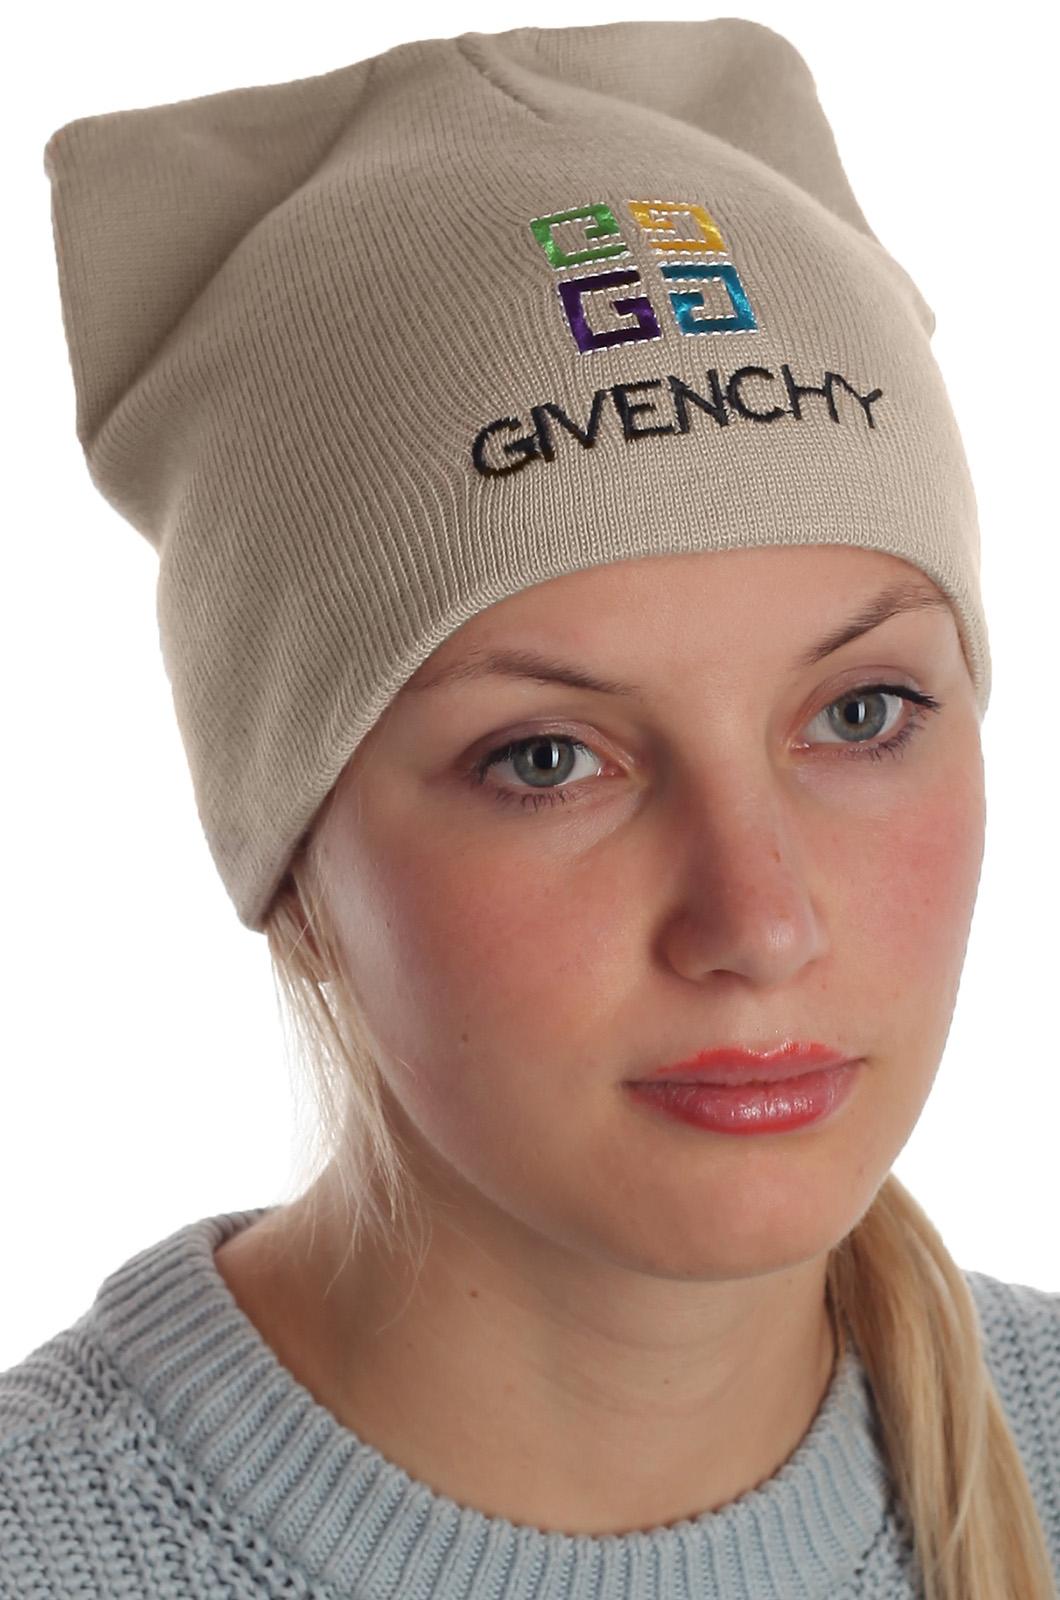 Стильная женская шапка от Givenchy. Отменный головной убор на каждый день. Красотки, заказывайте! Прямо из Франции!